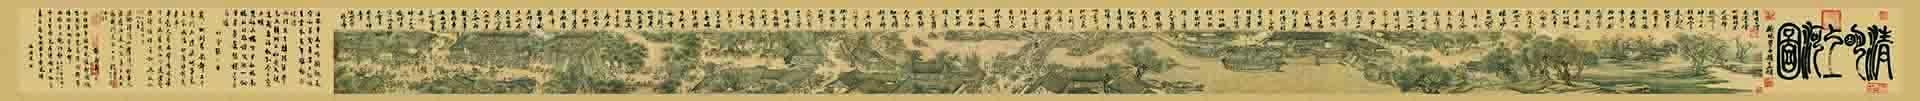 元 赵孟頫版 清明上河图卷 顶部有字